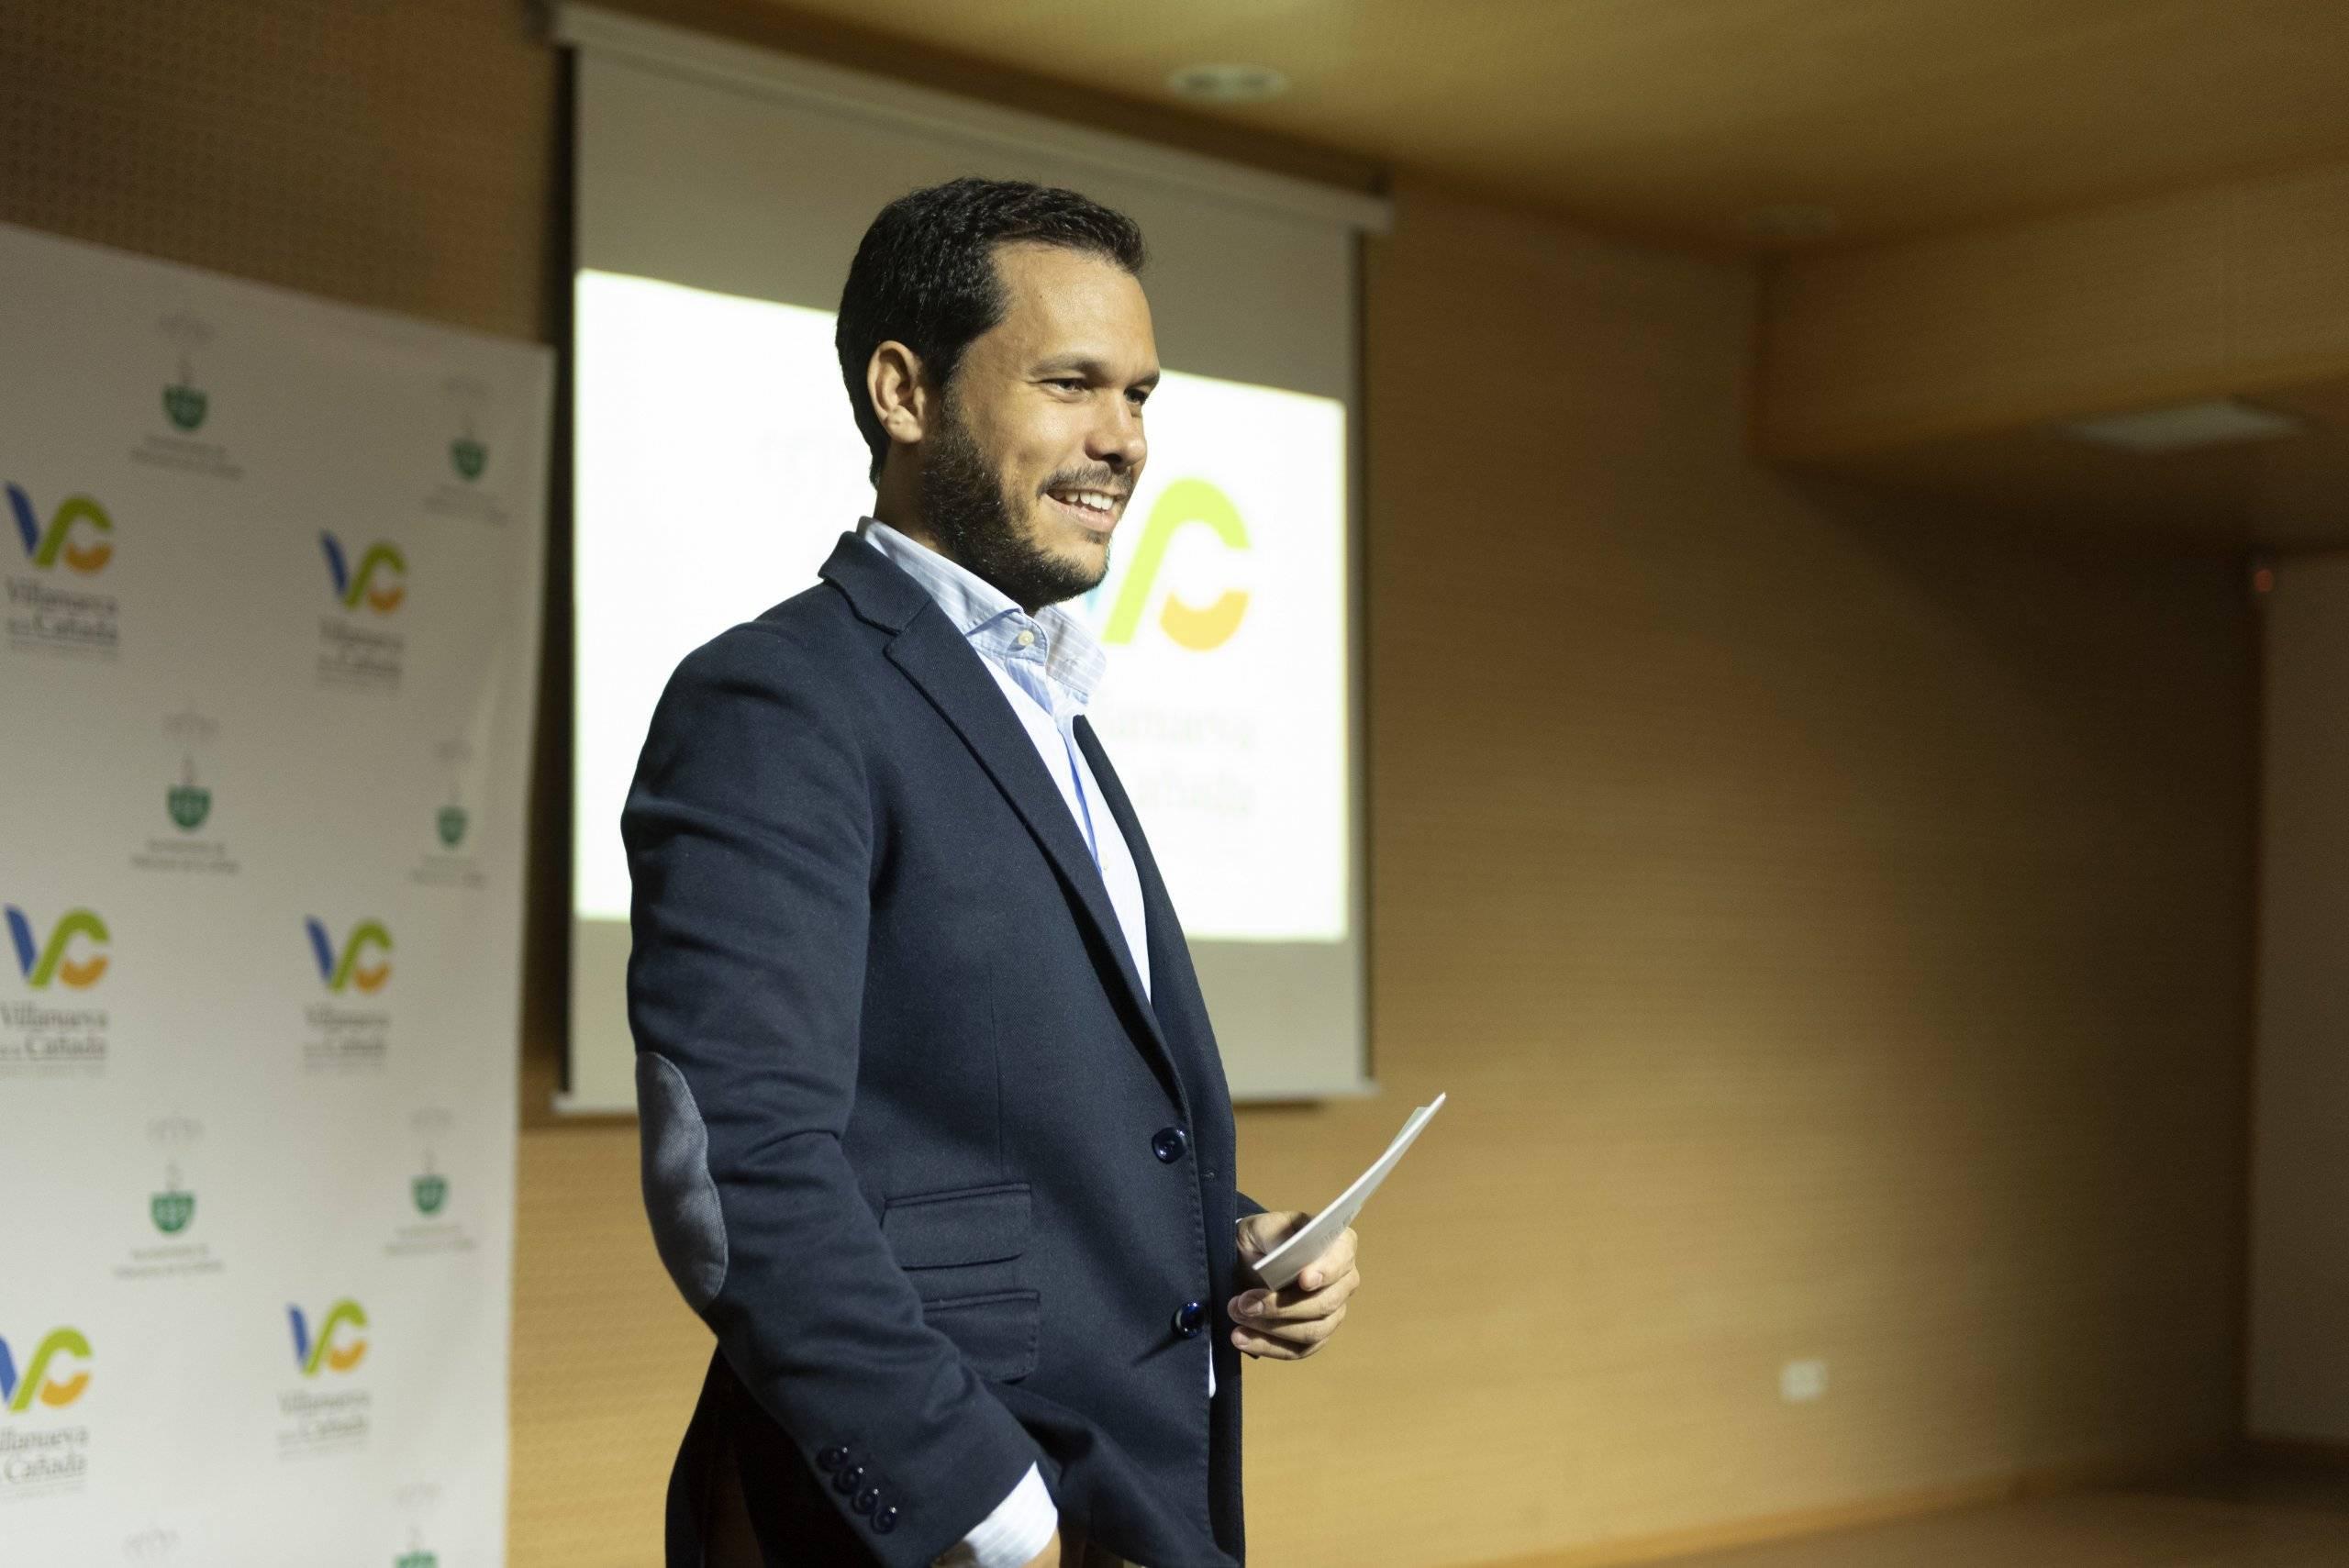 El concejal de Nuevas Tecnologías, José Luis López Serrano, presentando la nueva página web.